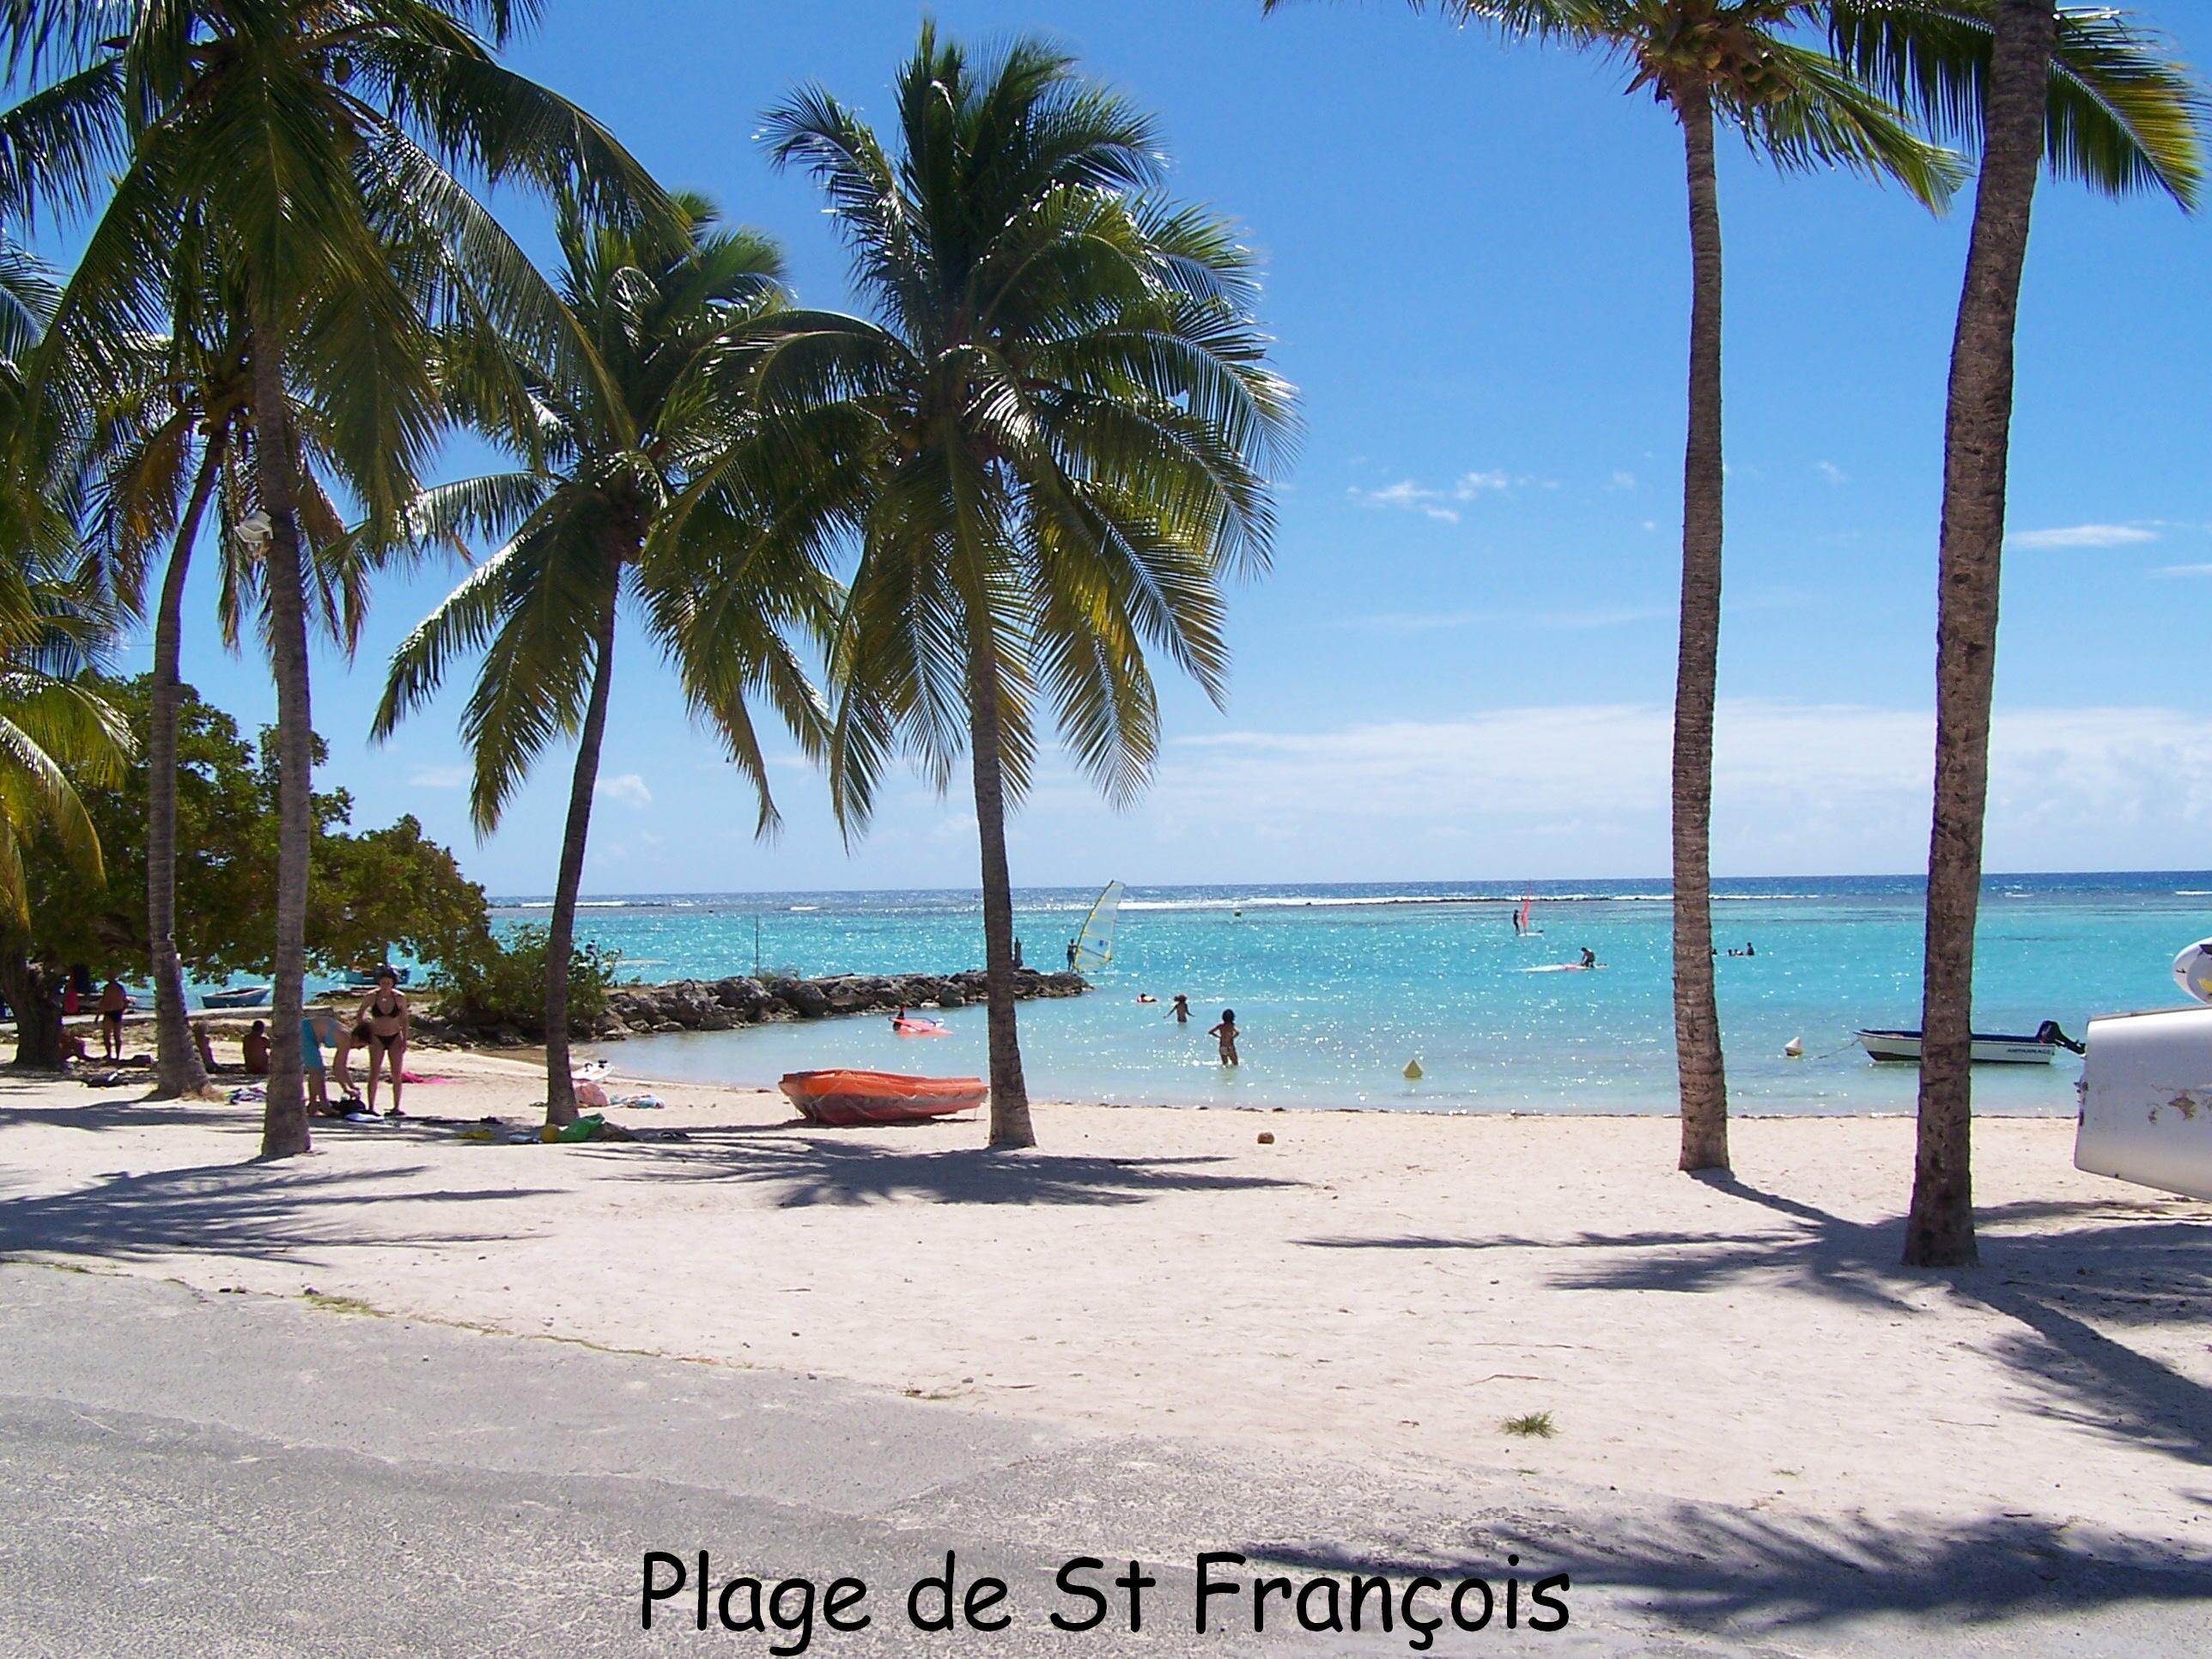 Location vacances Saint-Francois : location saisonnire